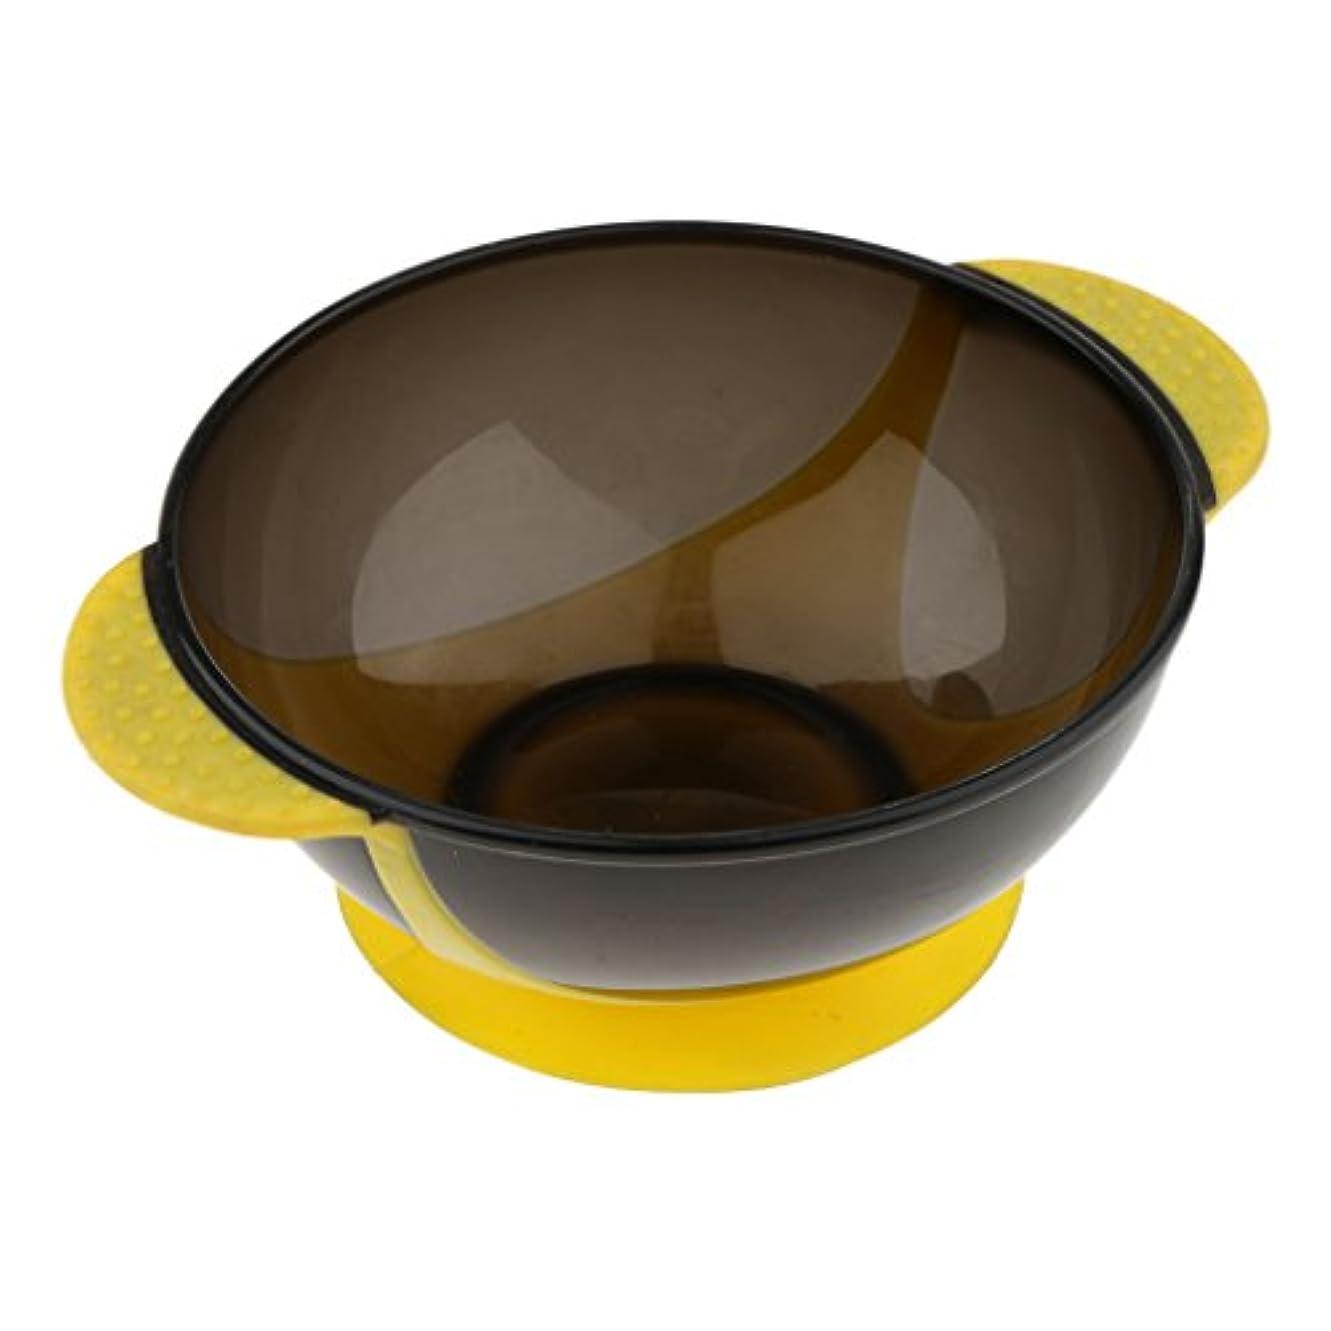 ペルメル一回不適当ヘアダイボウル プラスチック製 サロン 髪染め ミントボウル 着色ツール 吸引ベース 3色選べる - 黄